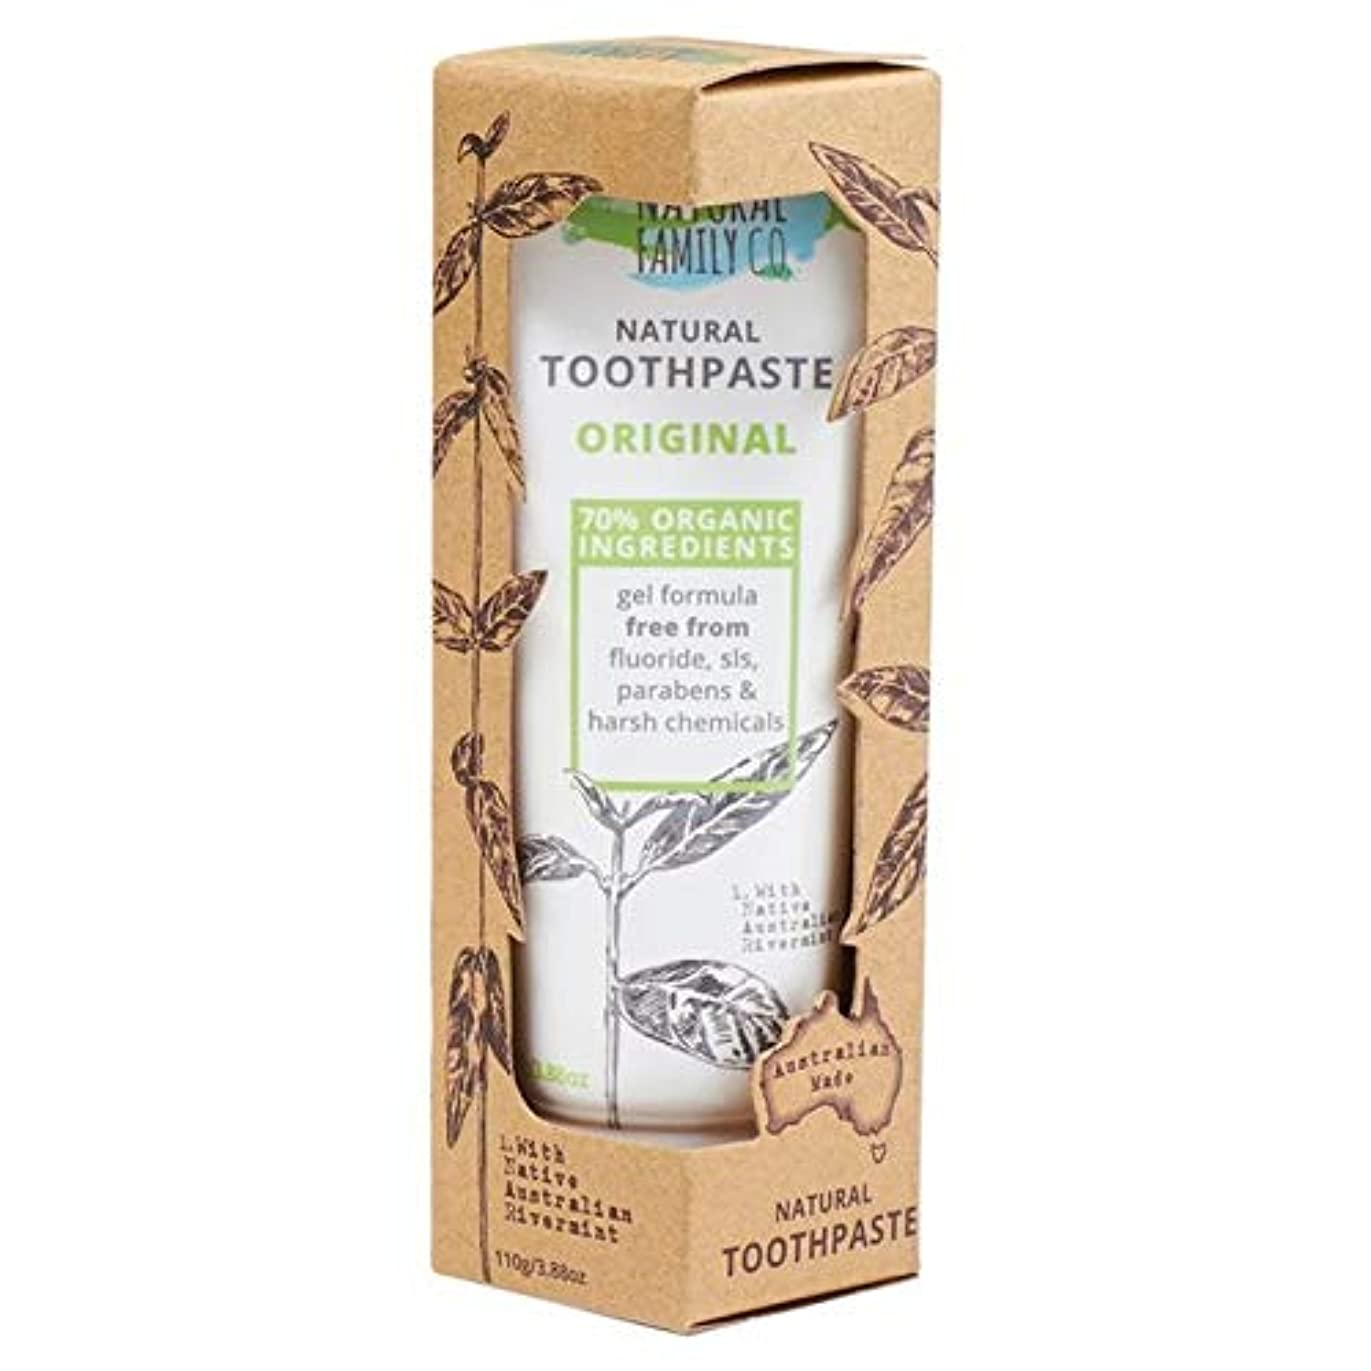 ガソリンスタジオうねる[Natural Family ] 自然な家族の元歯磨き粉の110グラム - Natural Family Original Toothpaste 110g [並行輸入品]